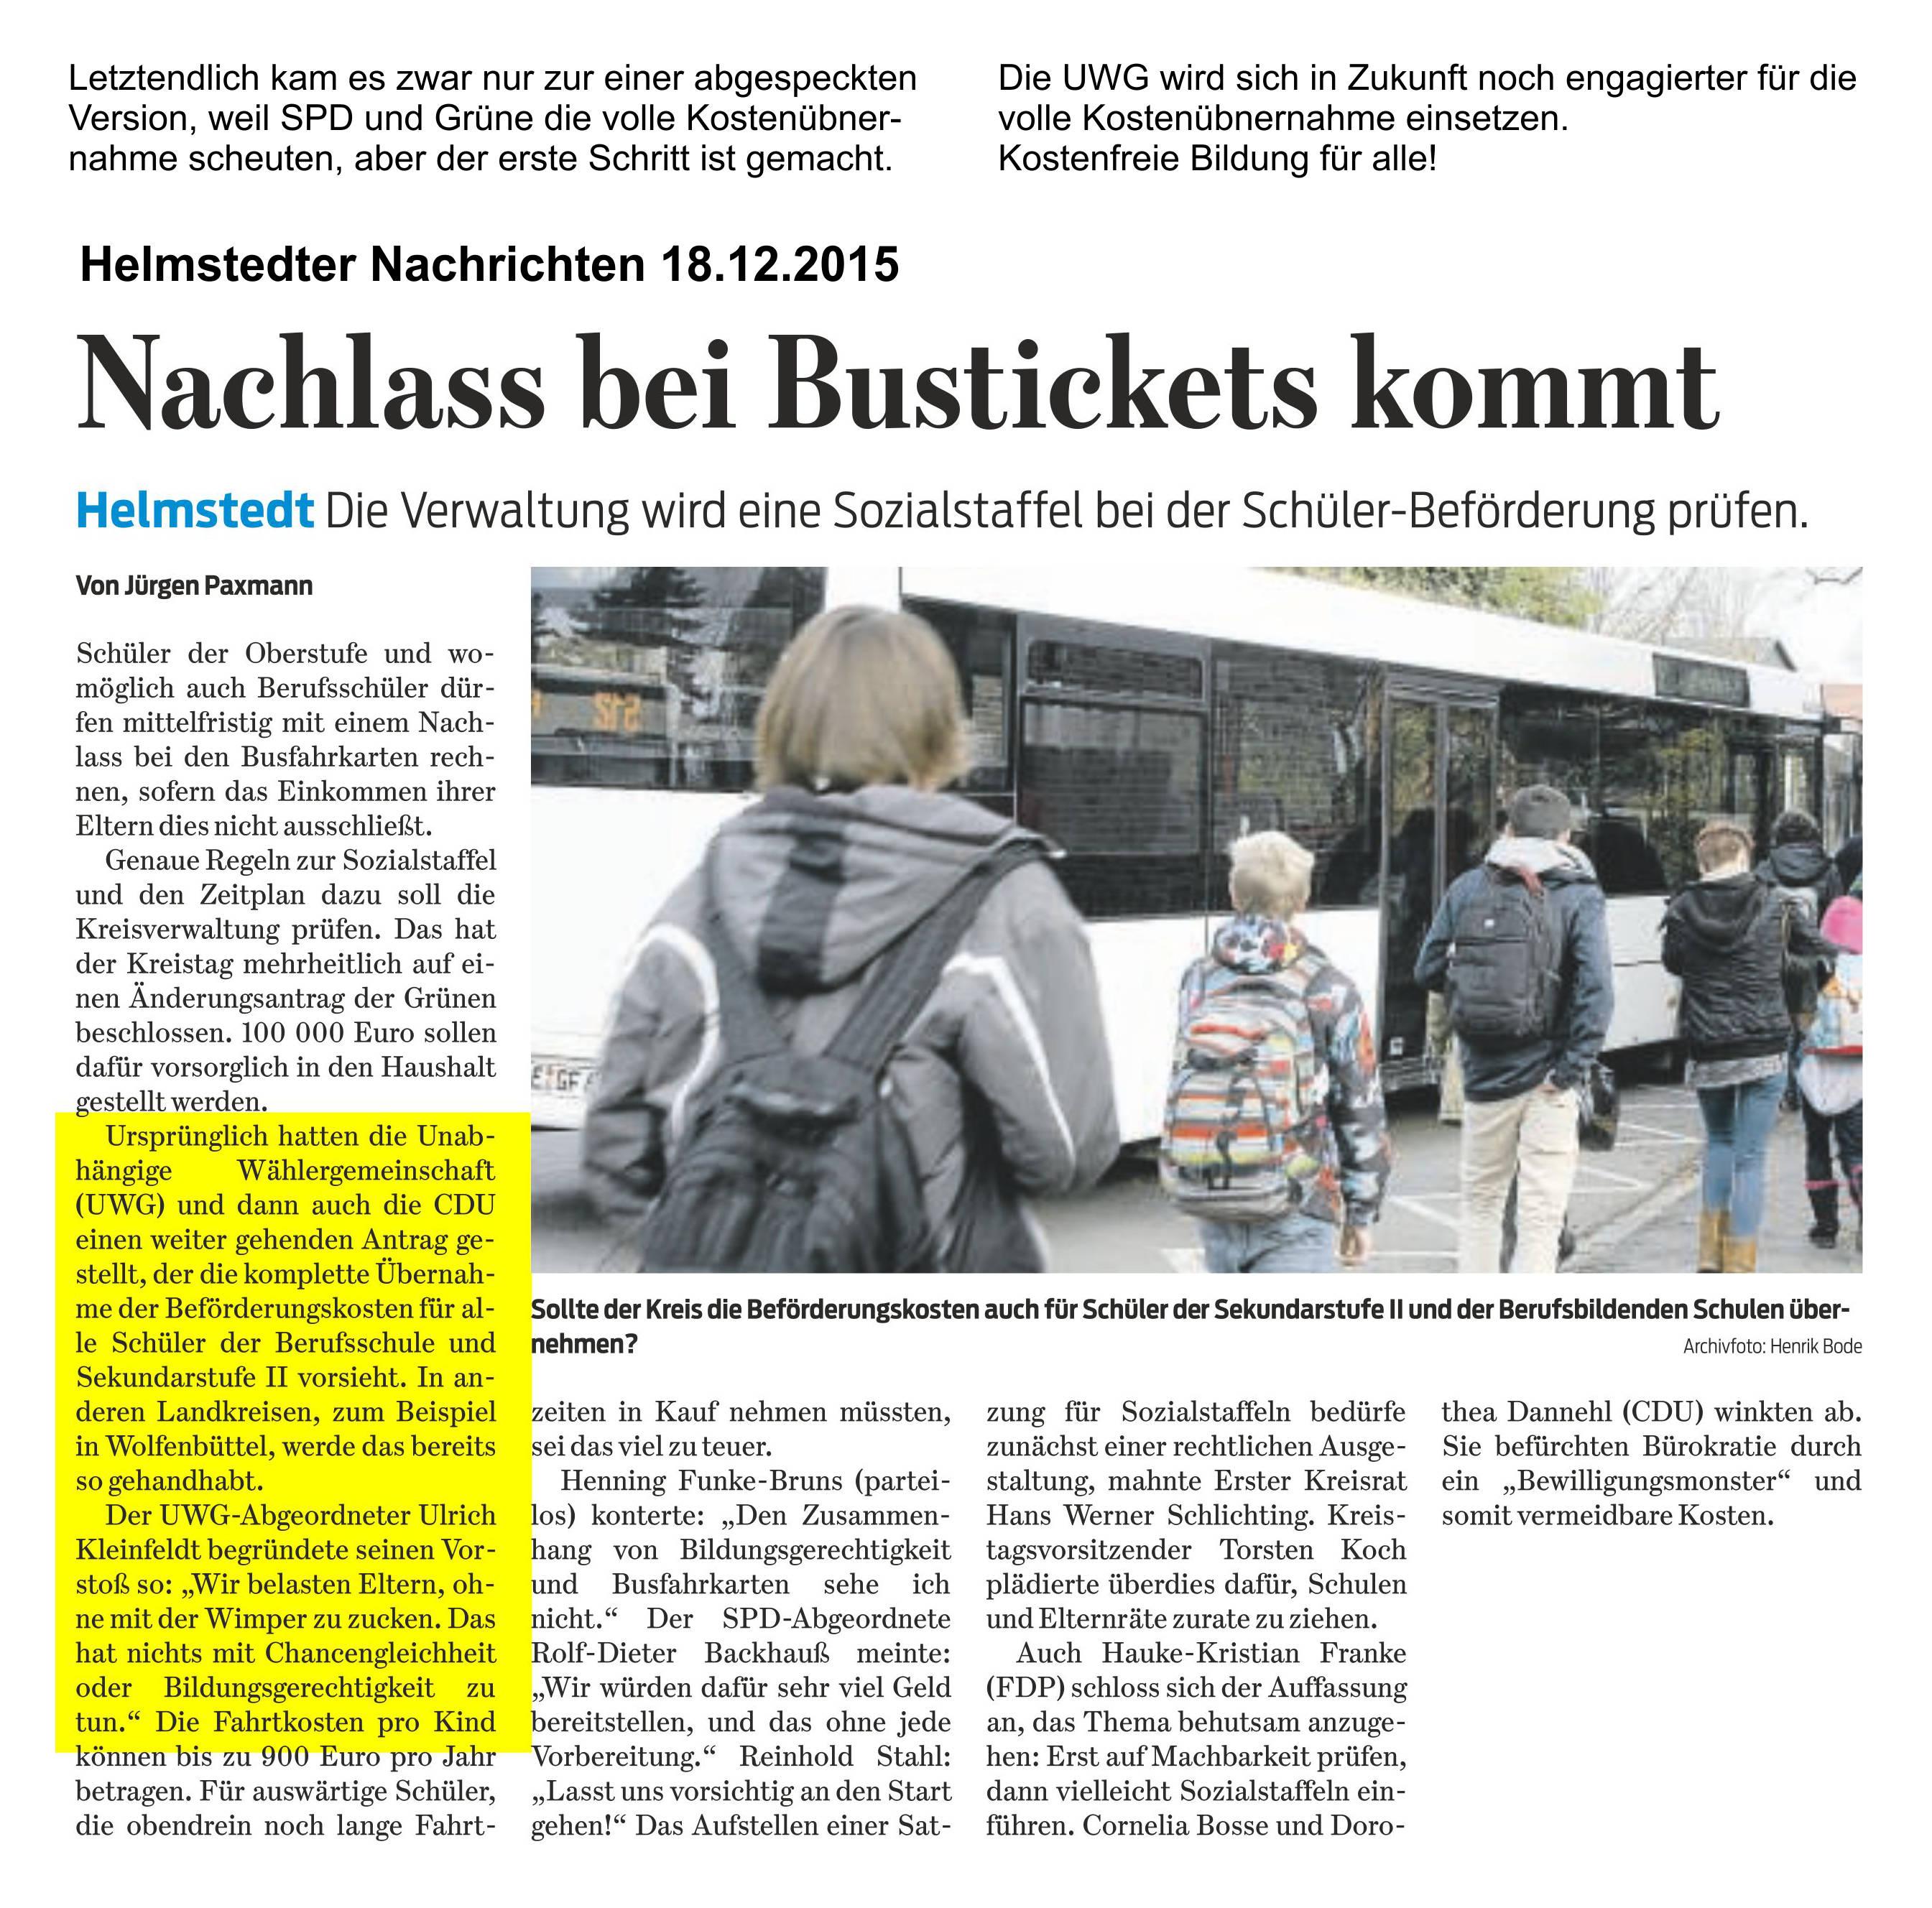 Pressebericht zum Thema Schüler-Beförderung